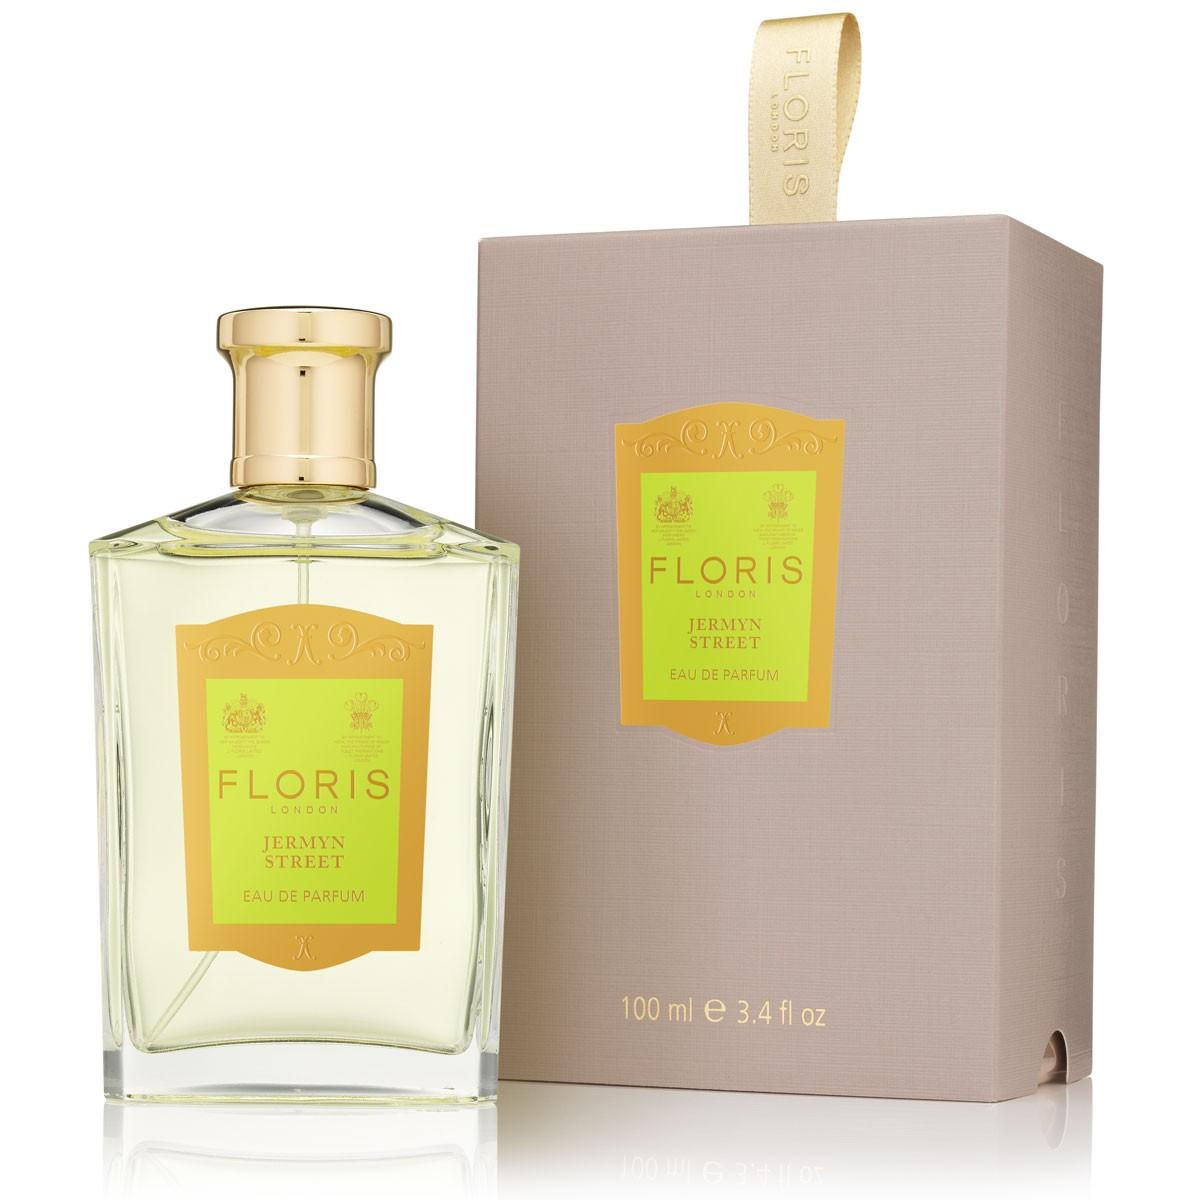 Siete perfumes nicho para el verano 2016 | Quintaesencia de Perfumes